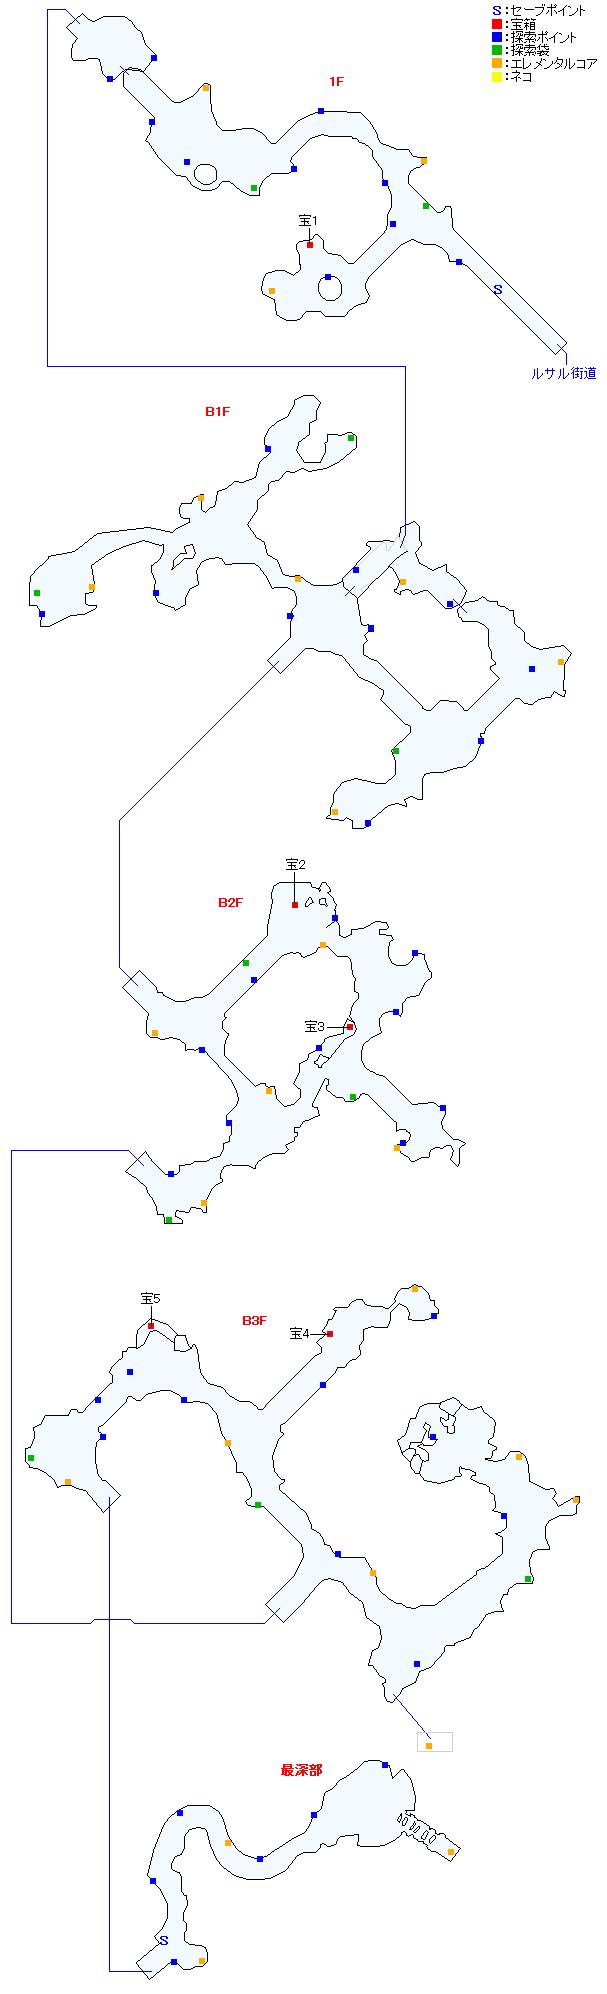 マップ画像・タタール冥穴(分史世界・ジュードエピソード2)